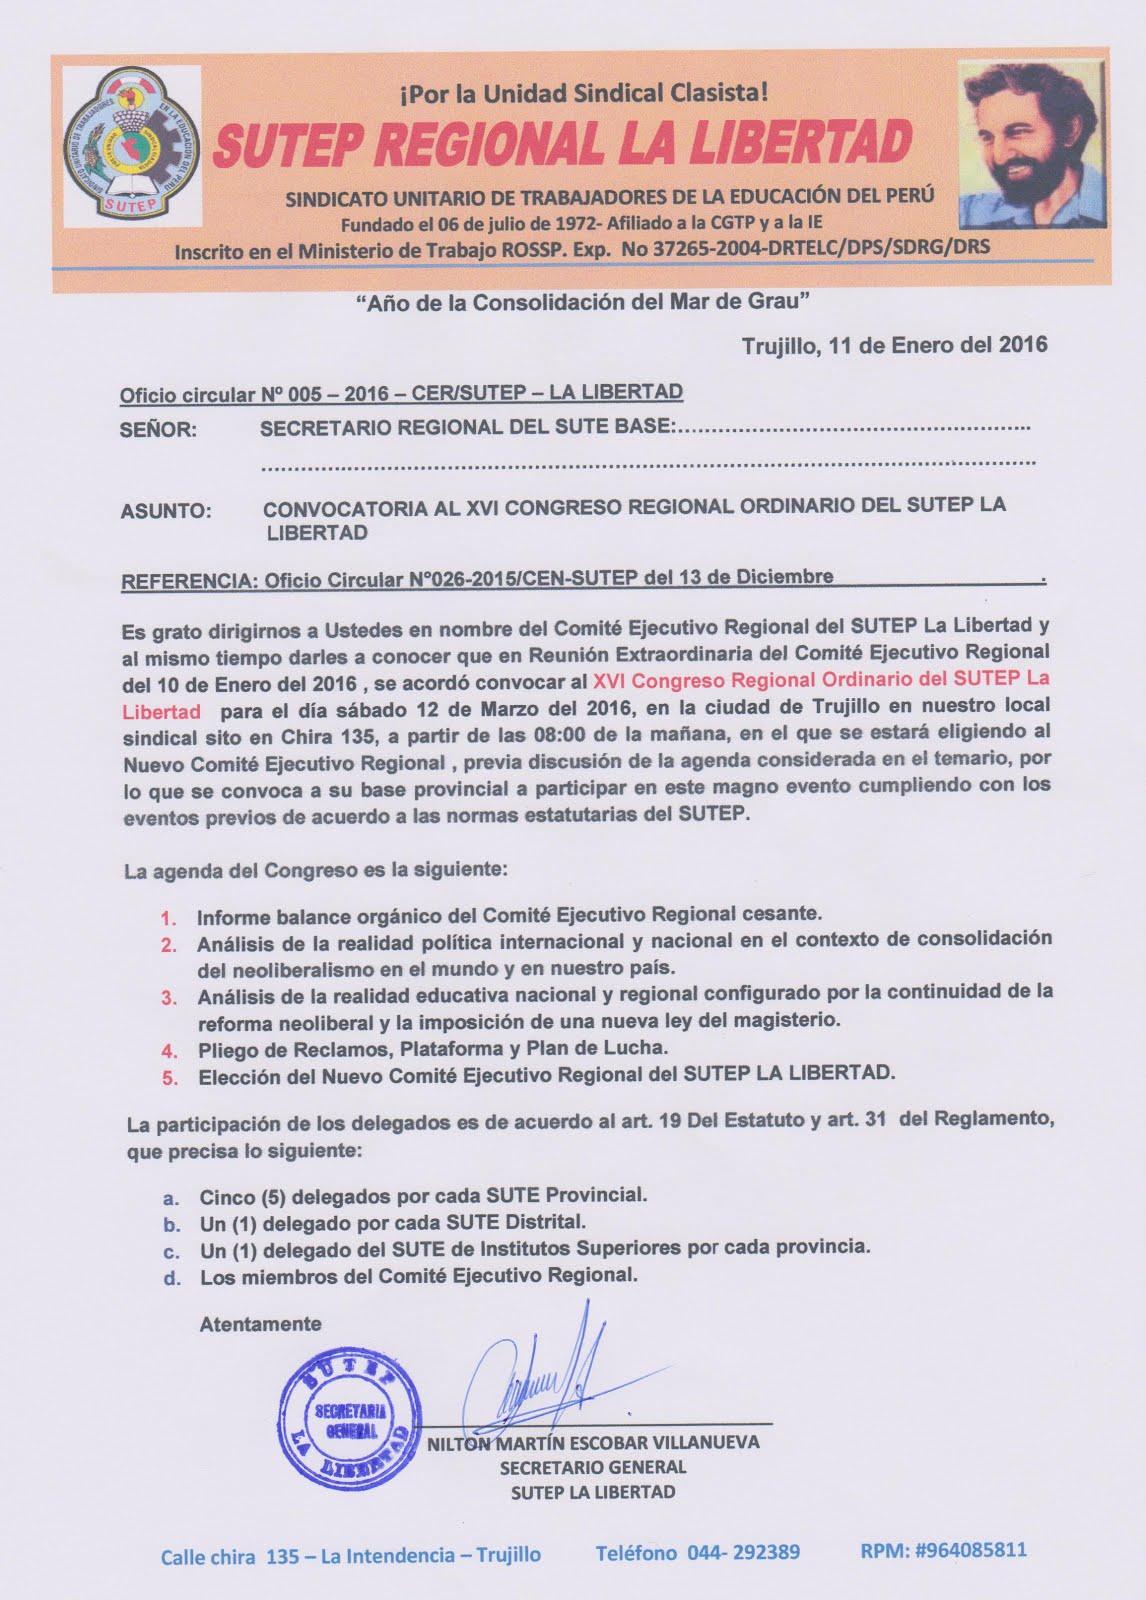 Las luchas del pueblo convocatoria al xvi congreso for Convocatoria maestros 2016